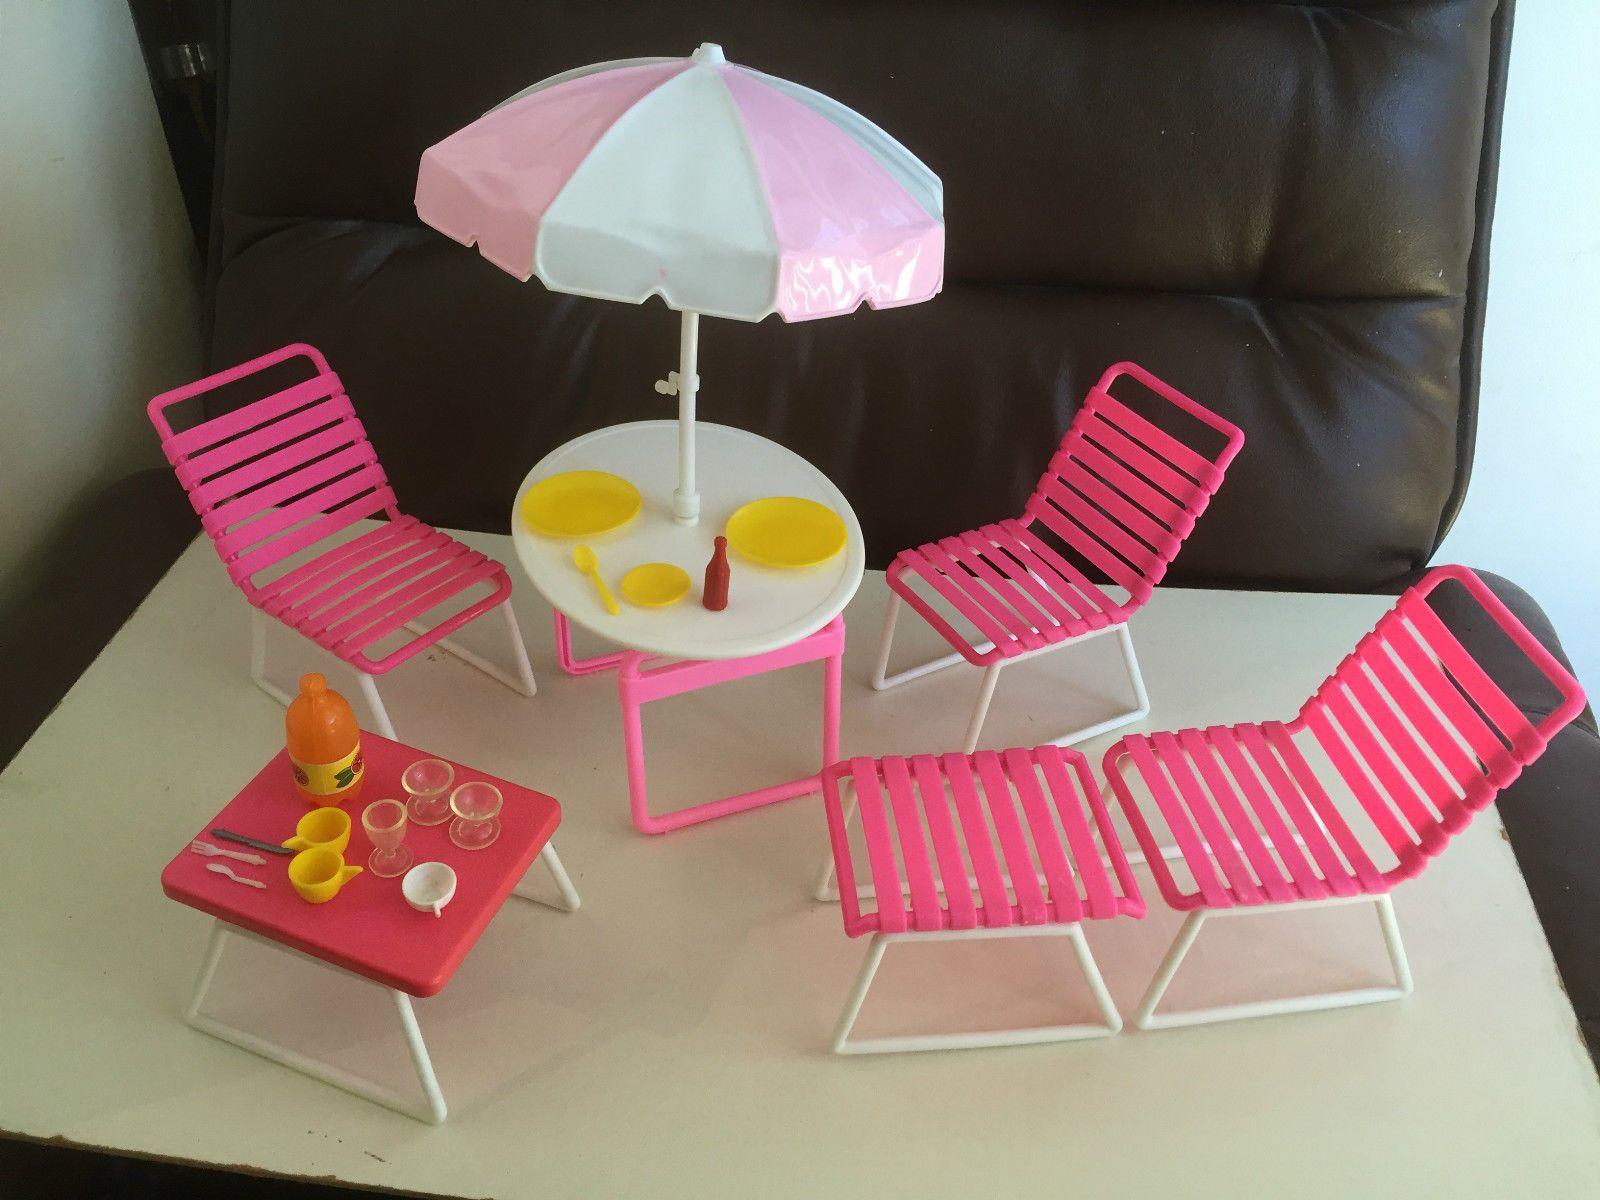 Vasca Da Bagno Barbie Anni 80 : Casa barbie giochi per bambini kijiji annunci di ebay